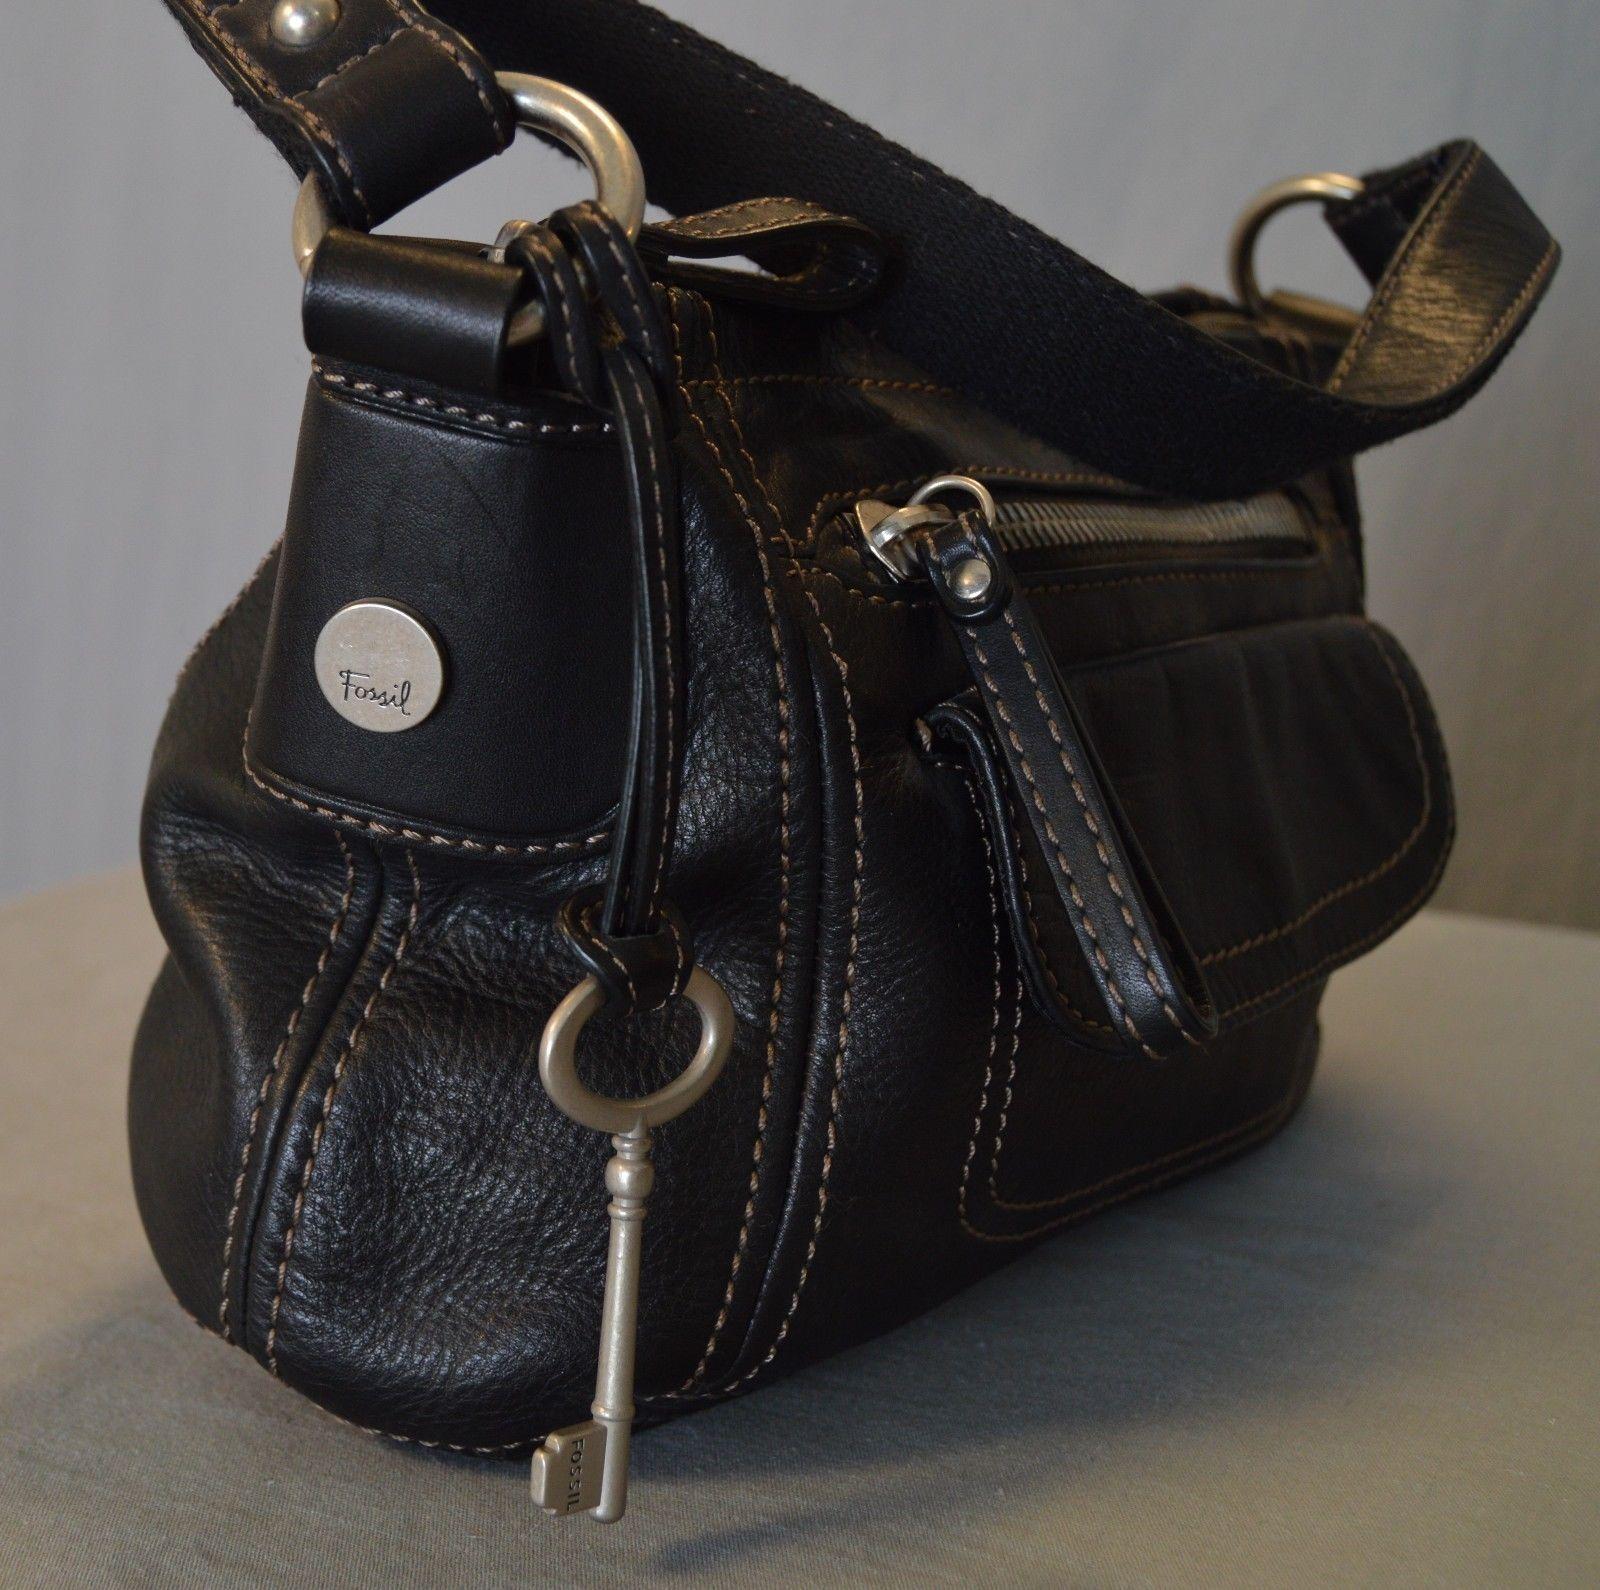 Fossil Small Black Shoulder Bag Leather Handbag Purse